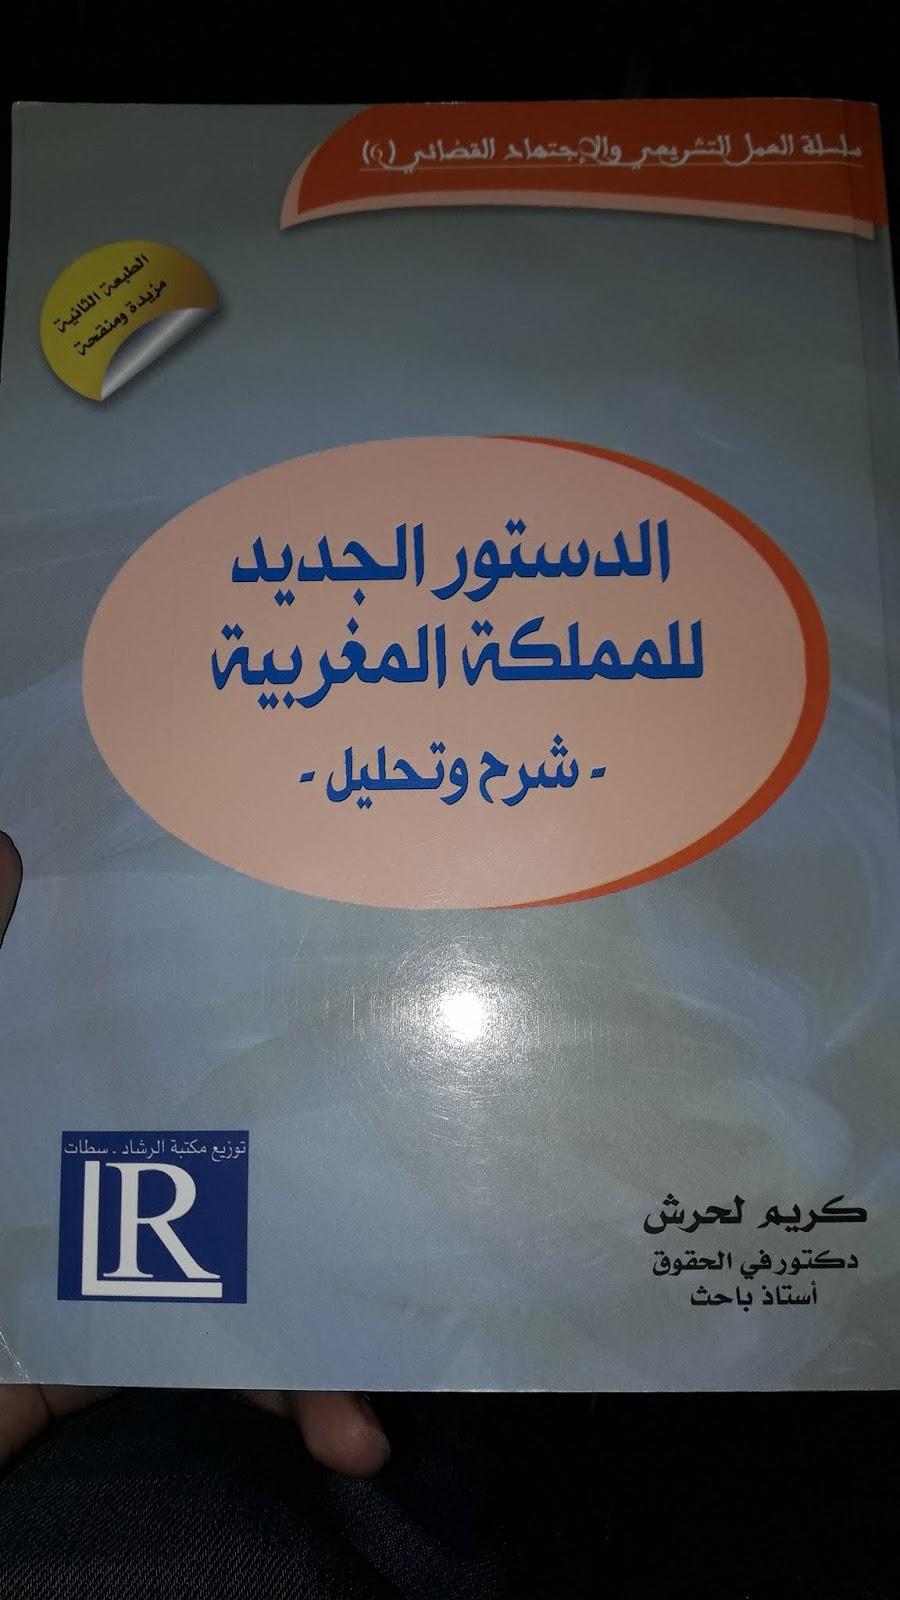 الدستور الجديد للمملكة المغربية دراسة و تحليل كريم لحرش